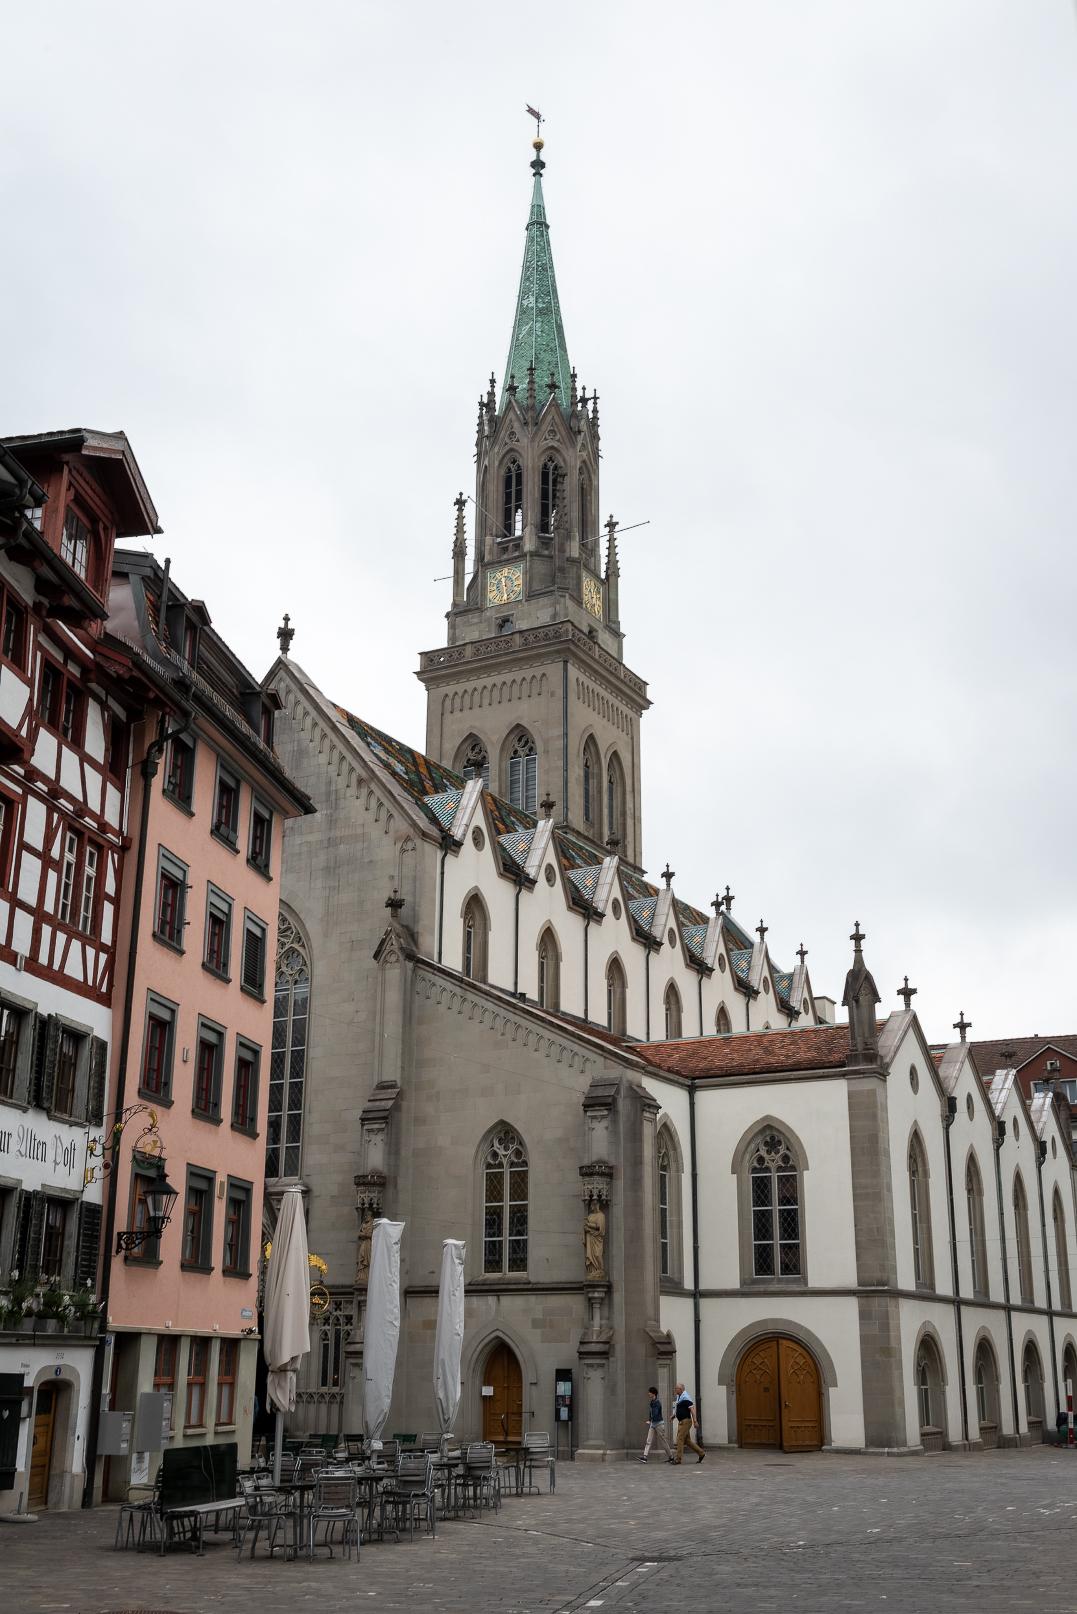 The Kirche St. Laurenzen Evangelical Church in St. Gallen, Switzerland.